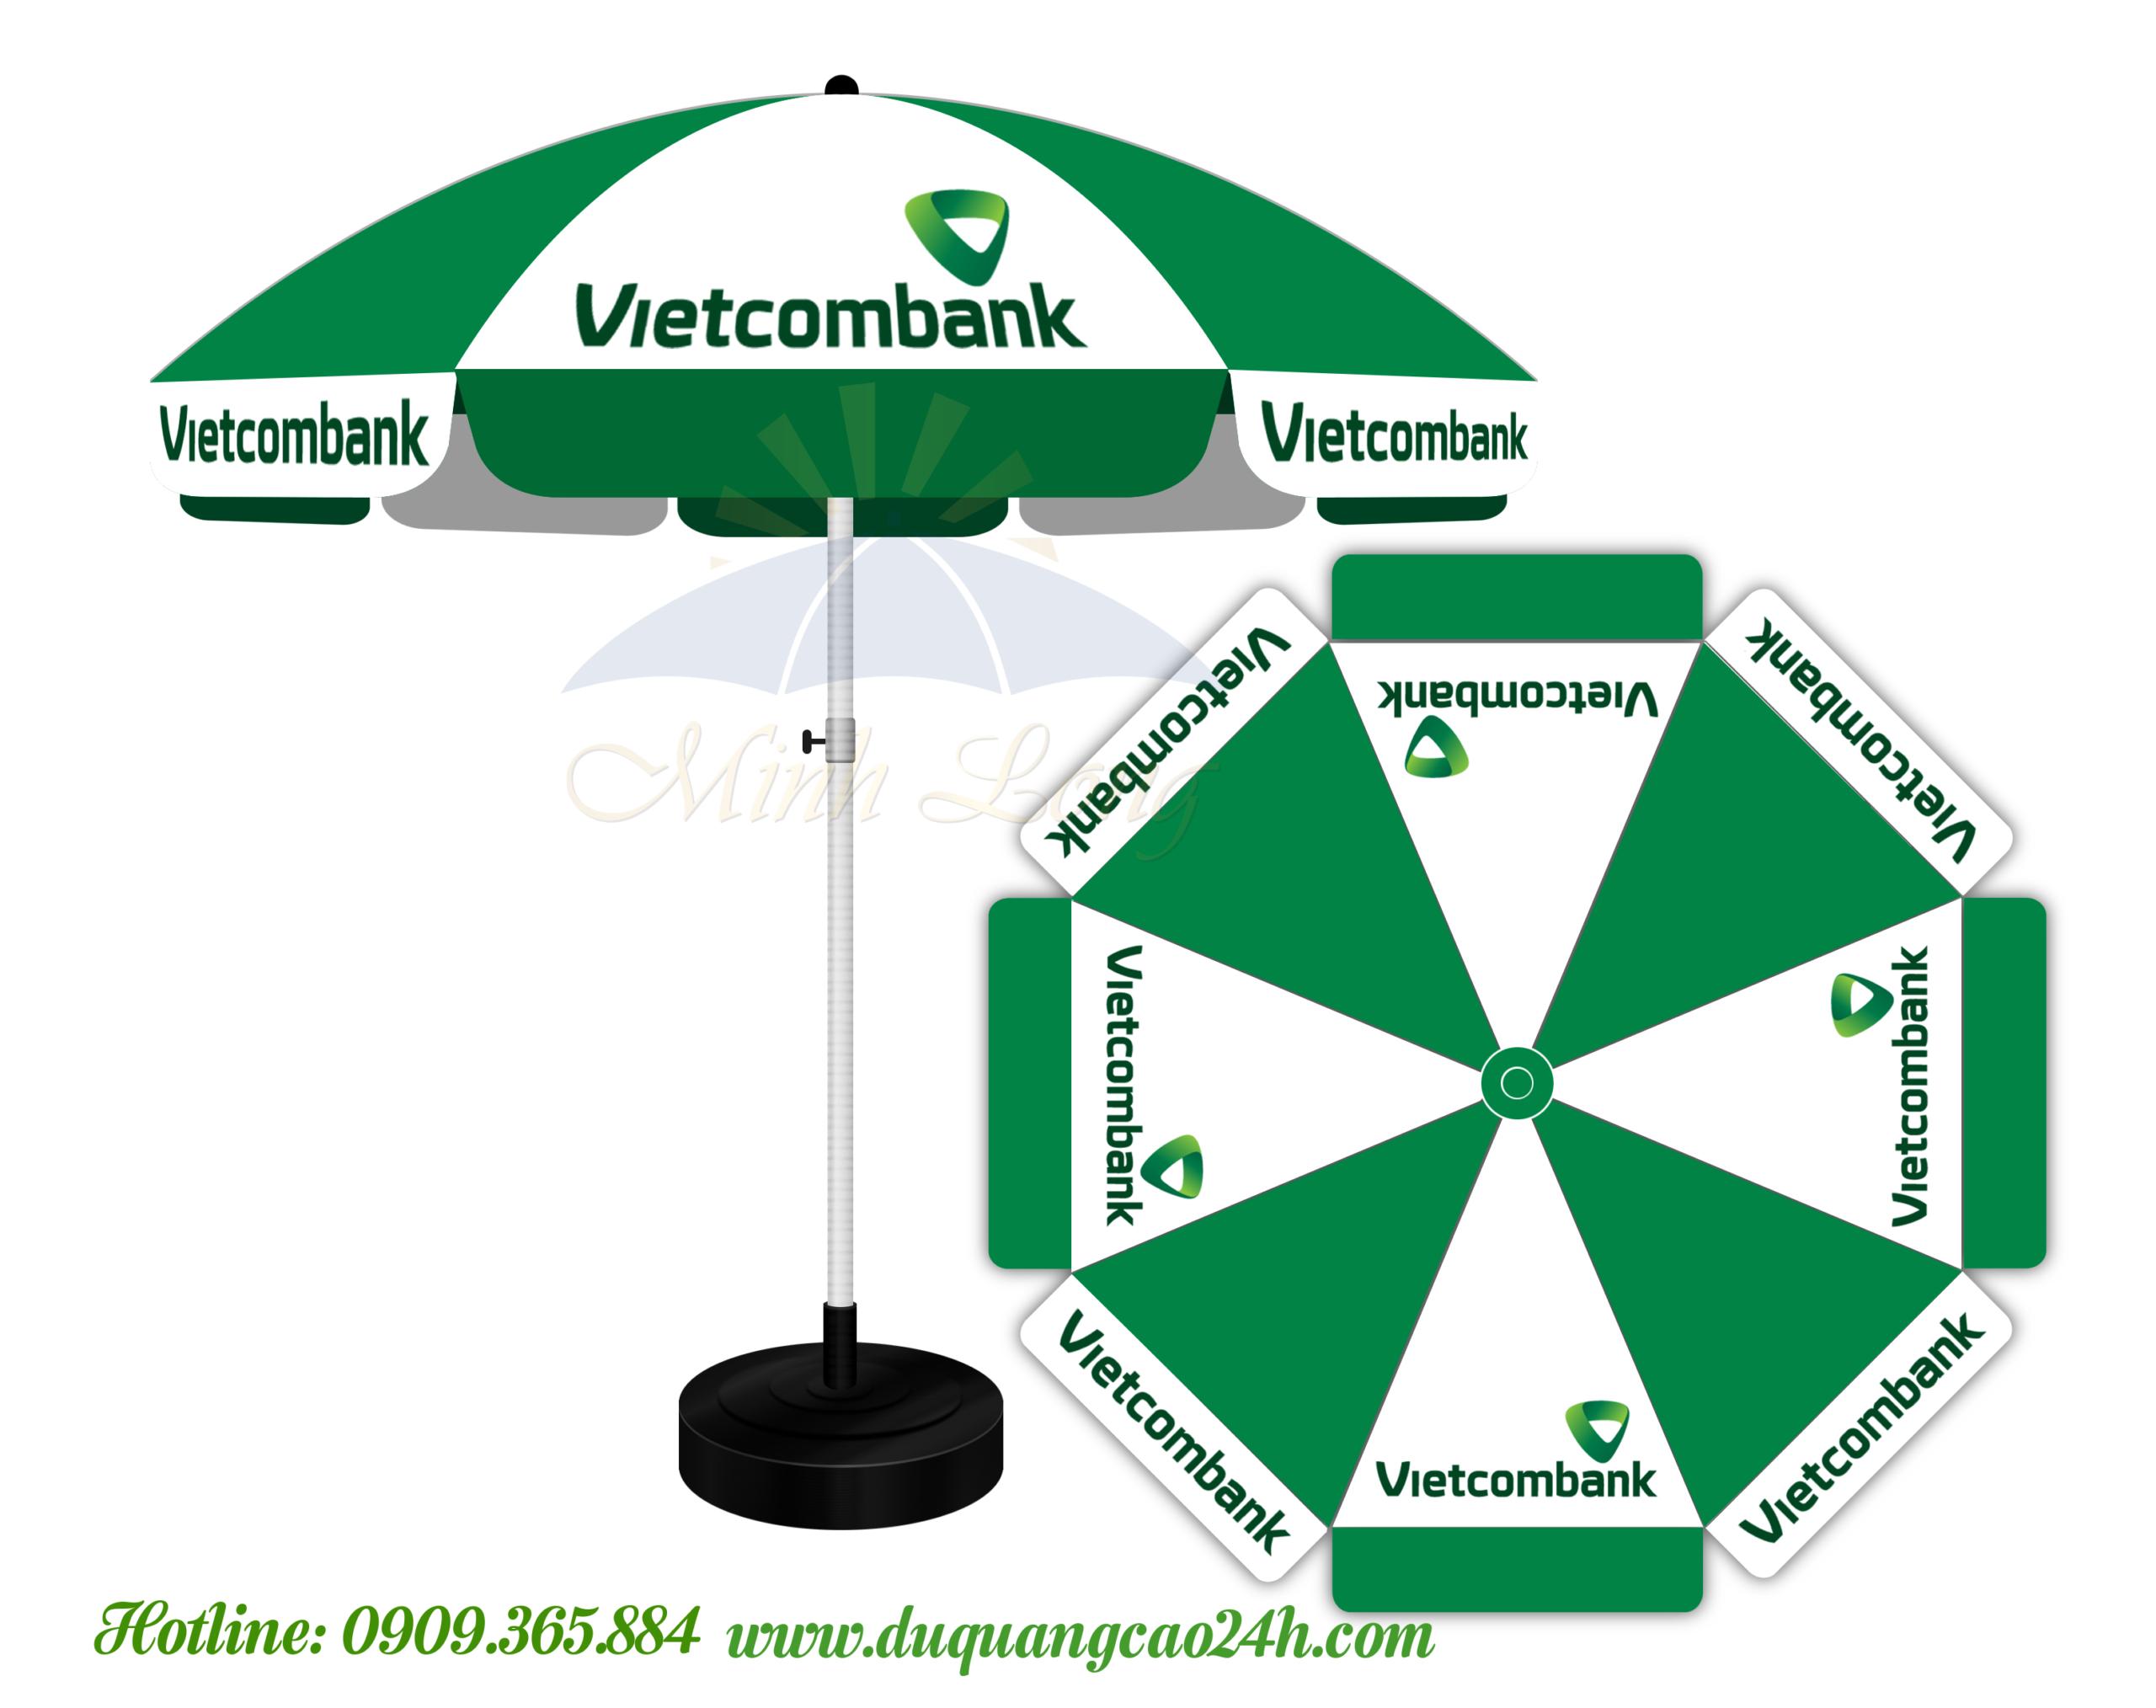 Dù quảng cáo Vietcombank